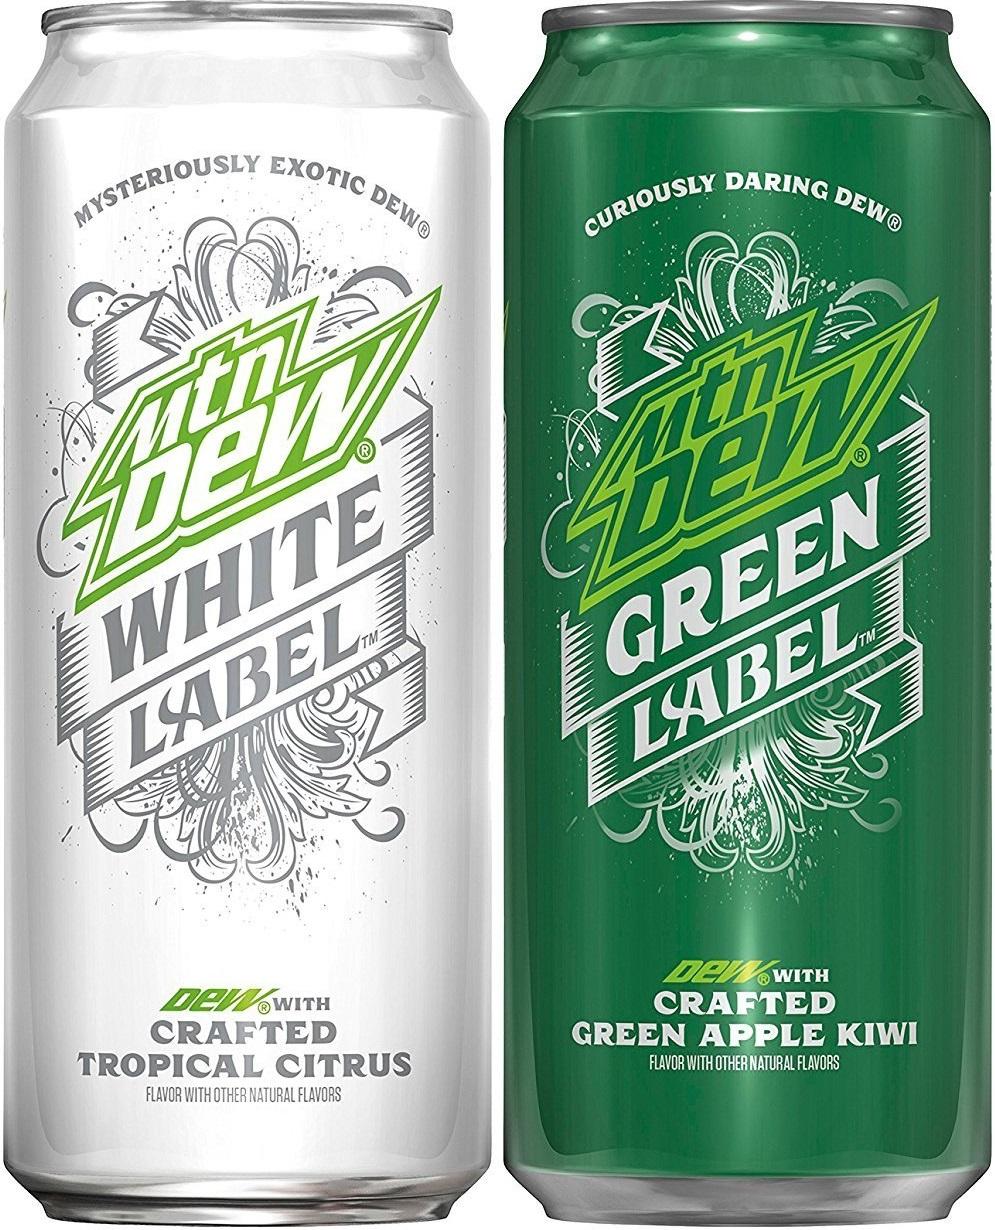 gmtn-grn-white